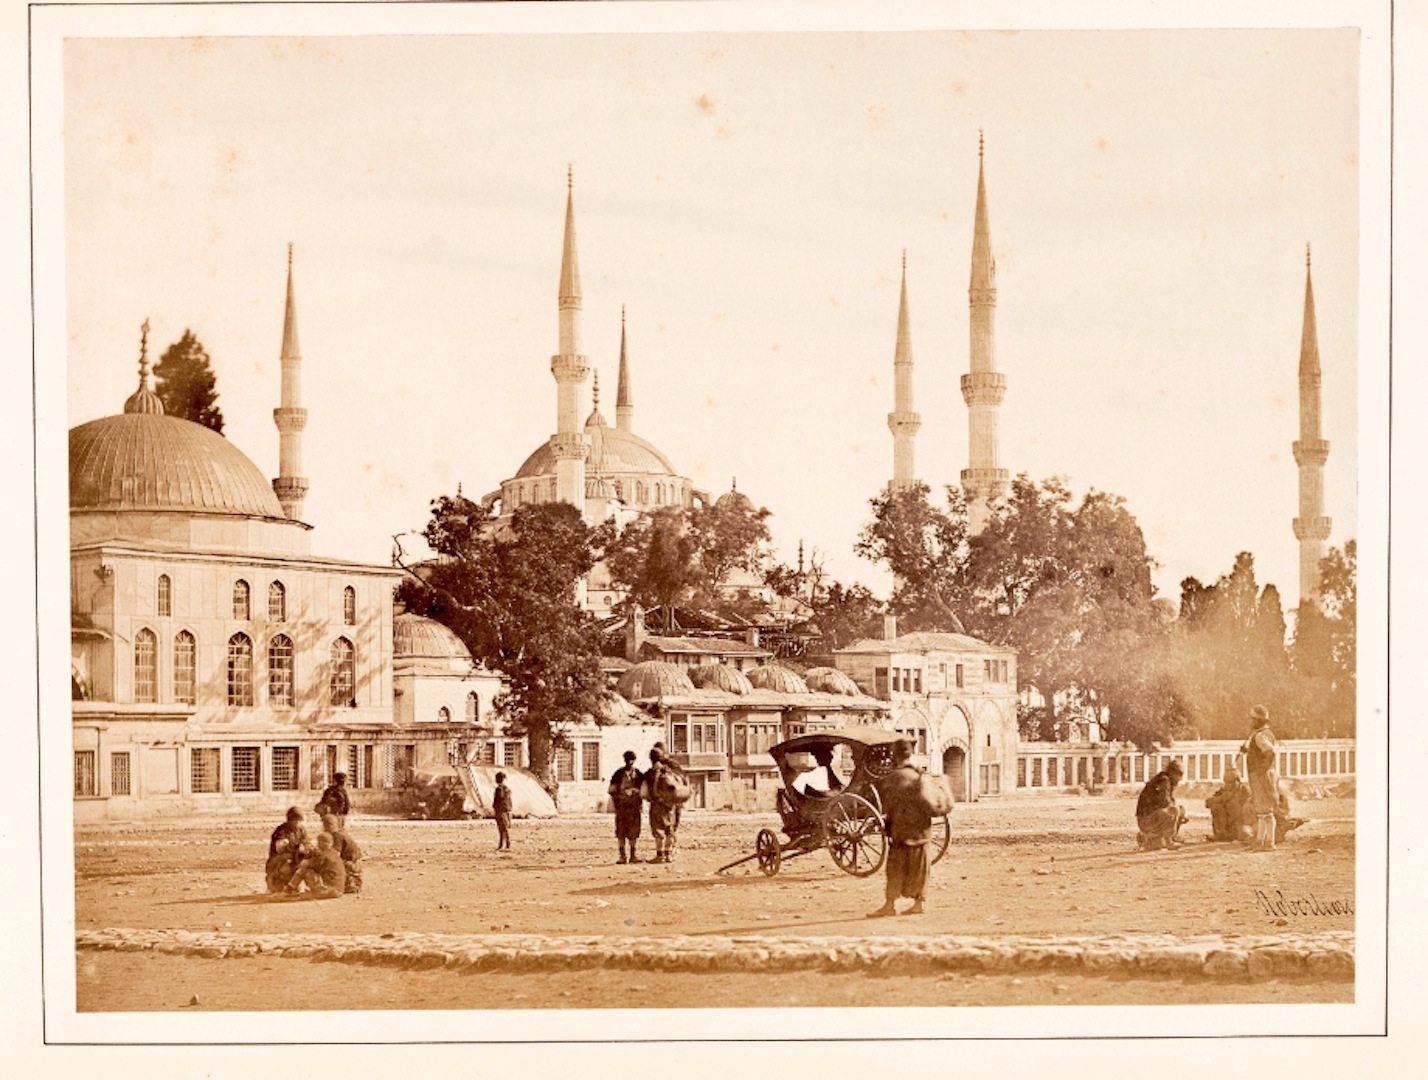 """""""Sultan Ahmet Mosque and the Hippodrome"""".  Einer der ersten, der Istanbul fotografisch dokumentierte, war der schottische Fotograf Jamers Robertson. Ihm war die Darstellung der historisch-architektonischen Monumente ebenso wichtig wie das Festhalten der Aktivitäten der Menschen auf seinen Bildern."""